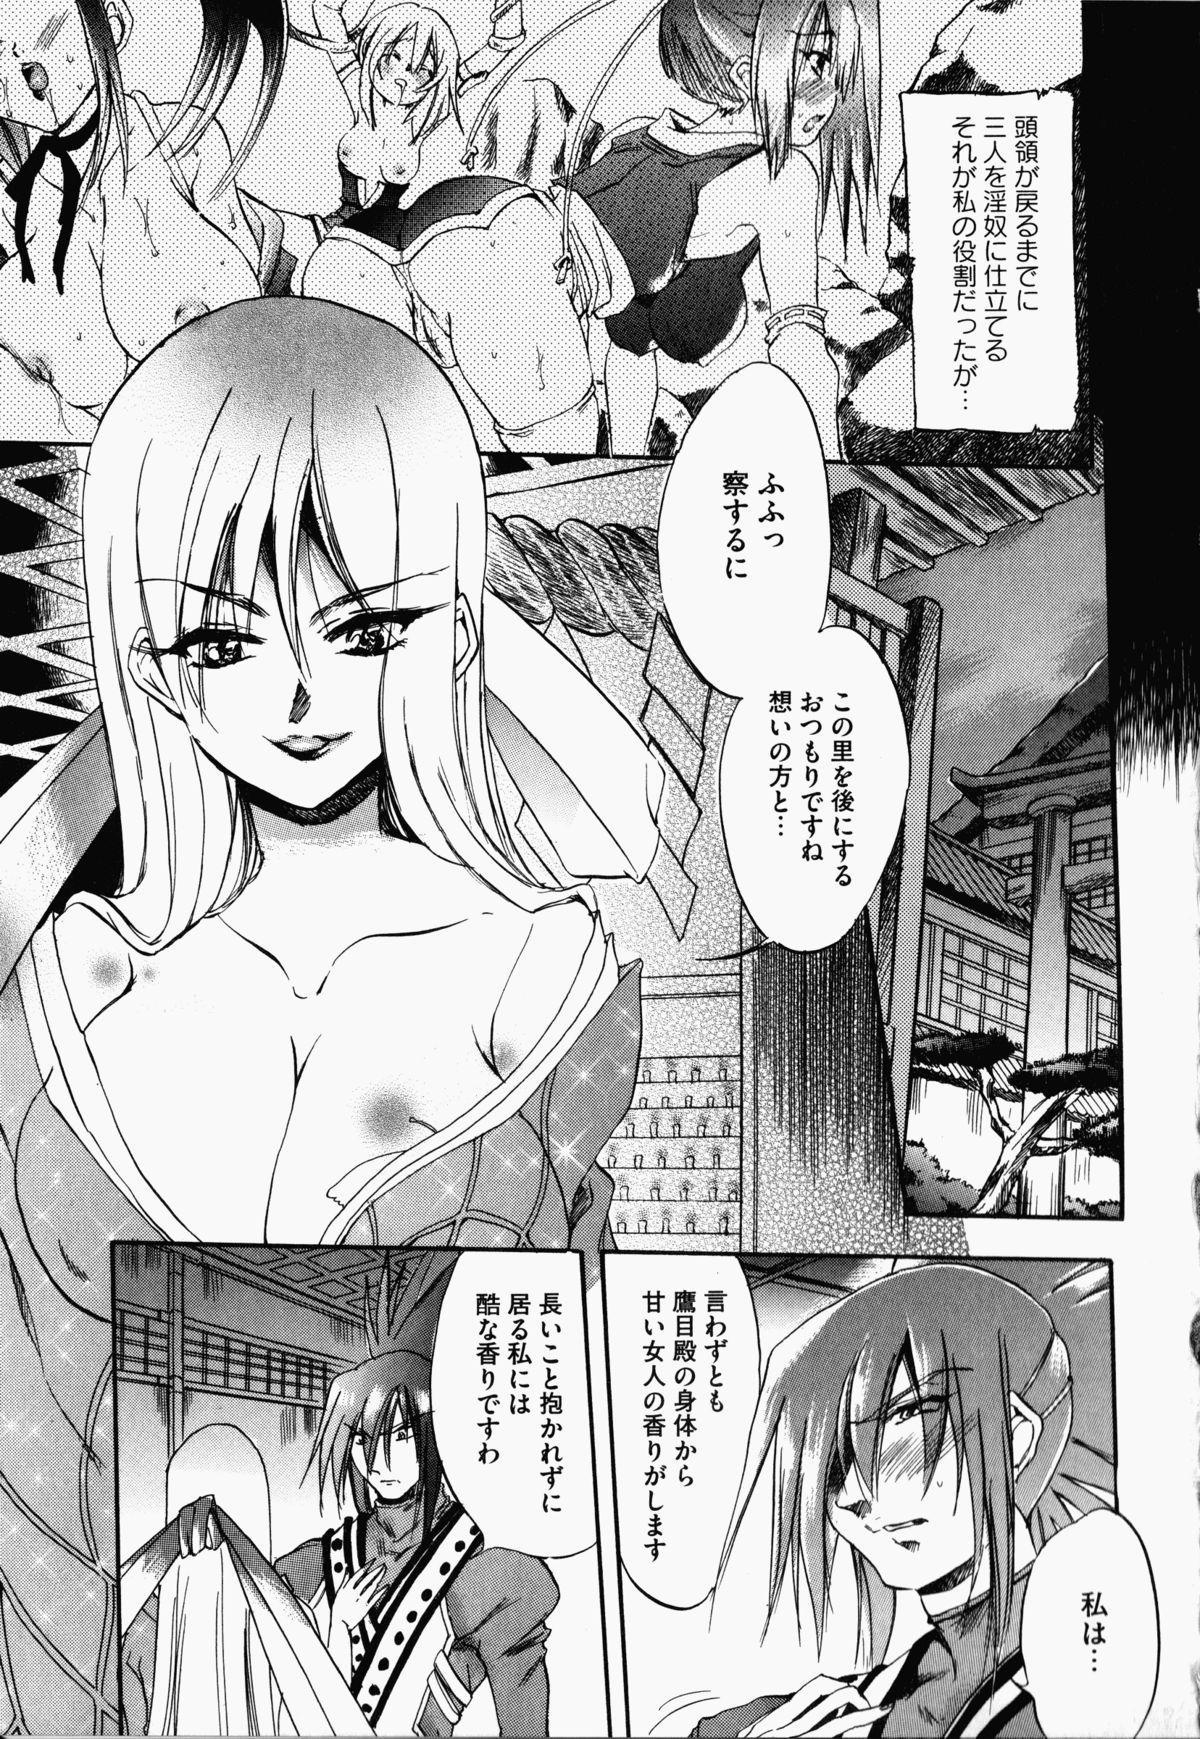 Nukenin - Hokaku, Soshite Choukyou e... 125